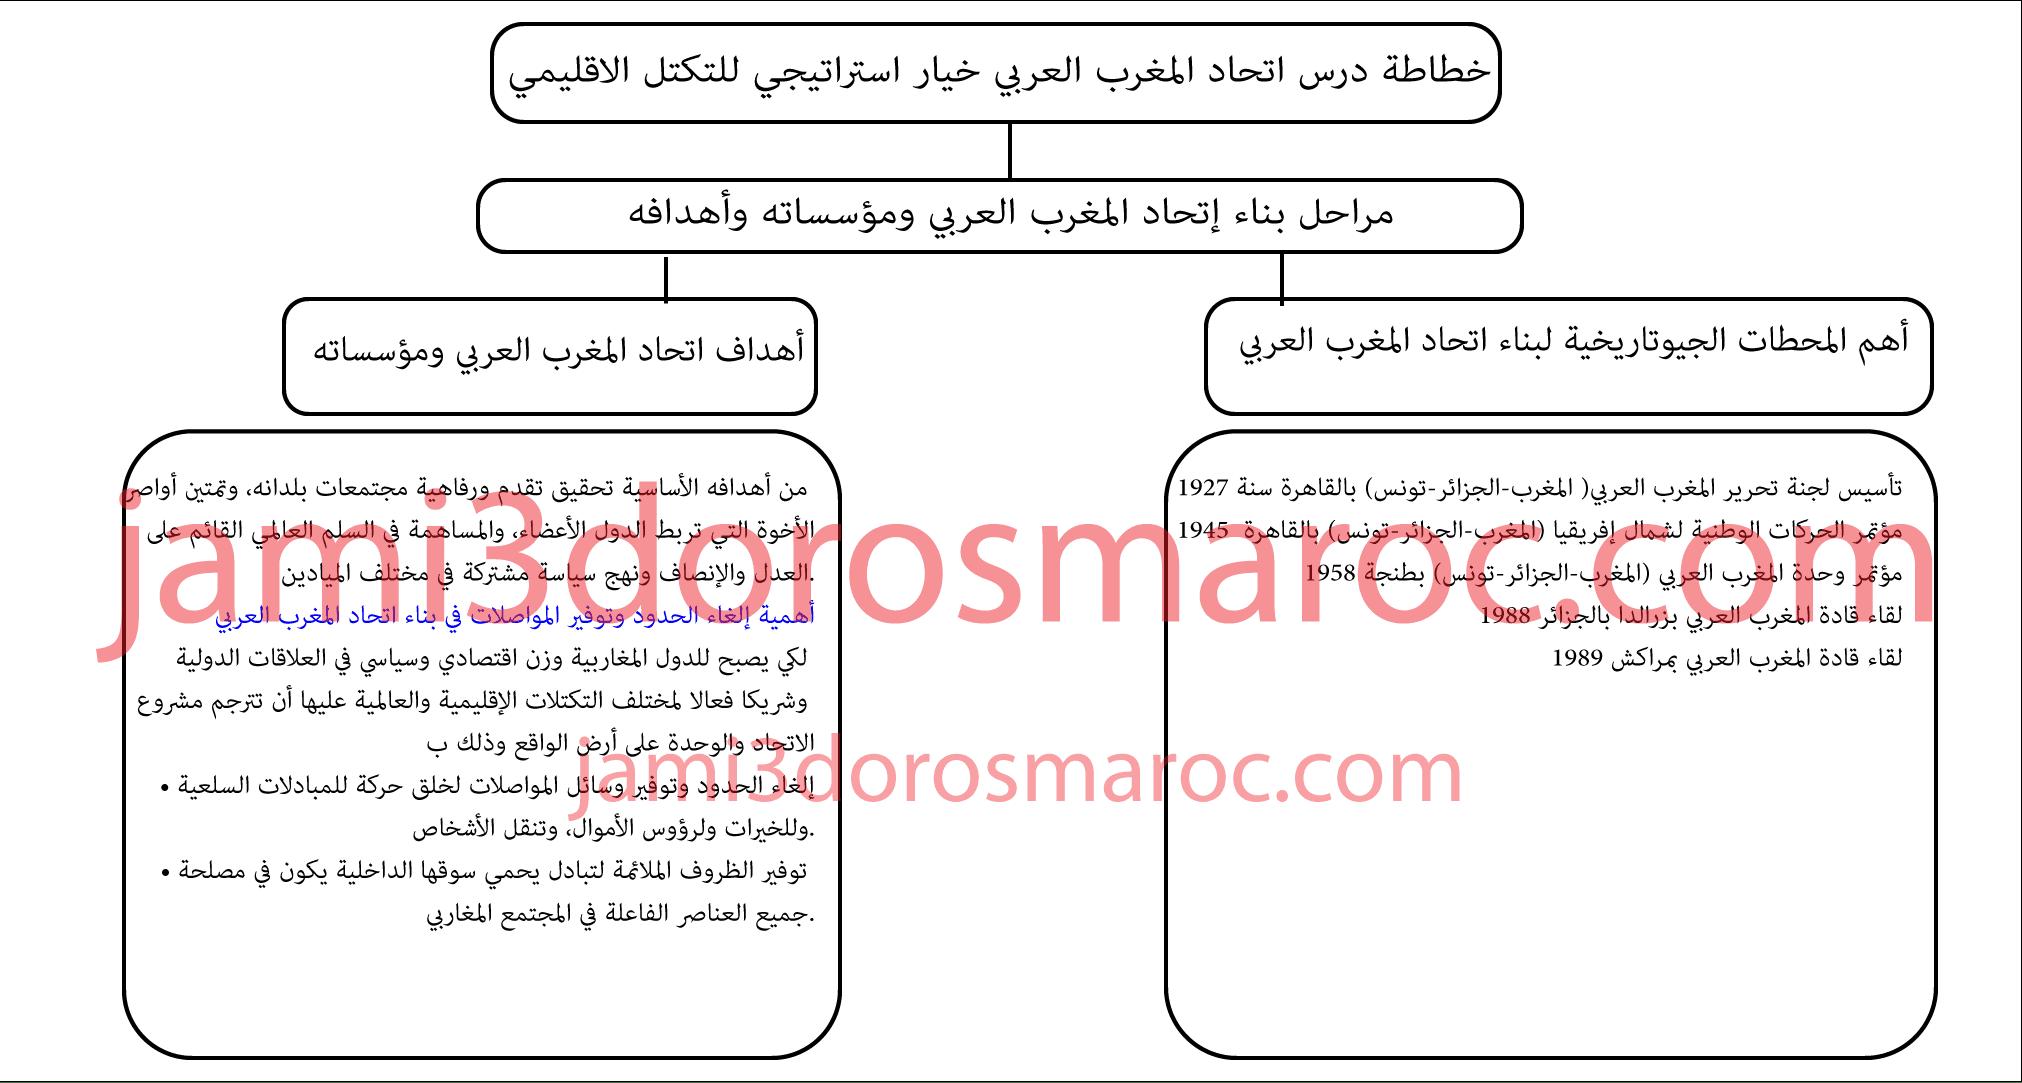 خطاطة درس اتحاد المغرب العربي خيار استراتيجي للتكتل الإقليمي